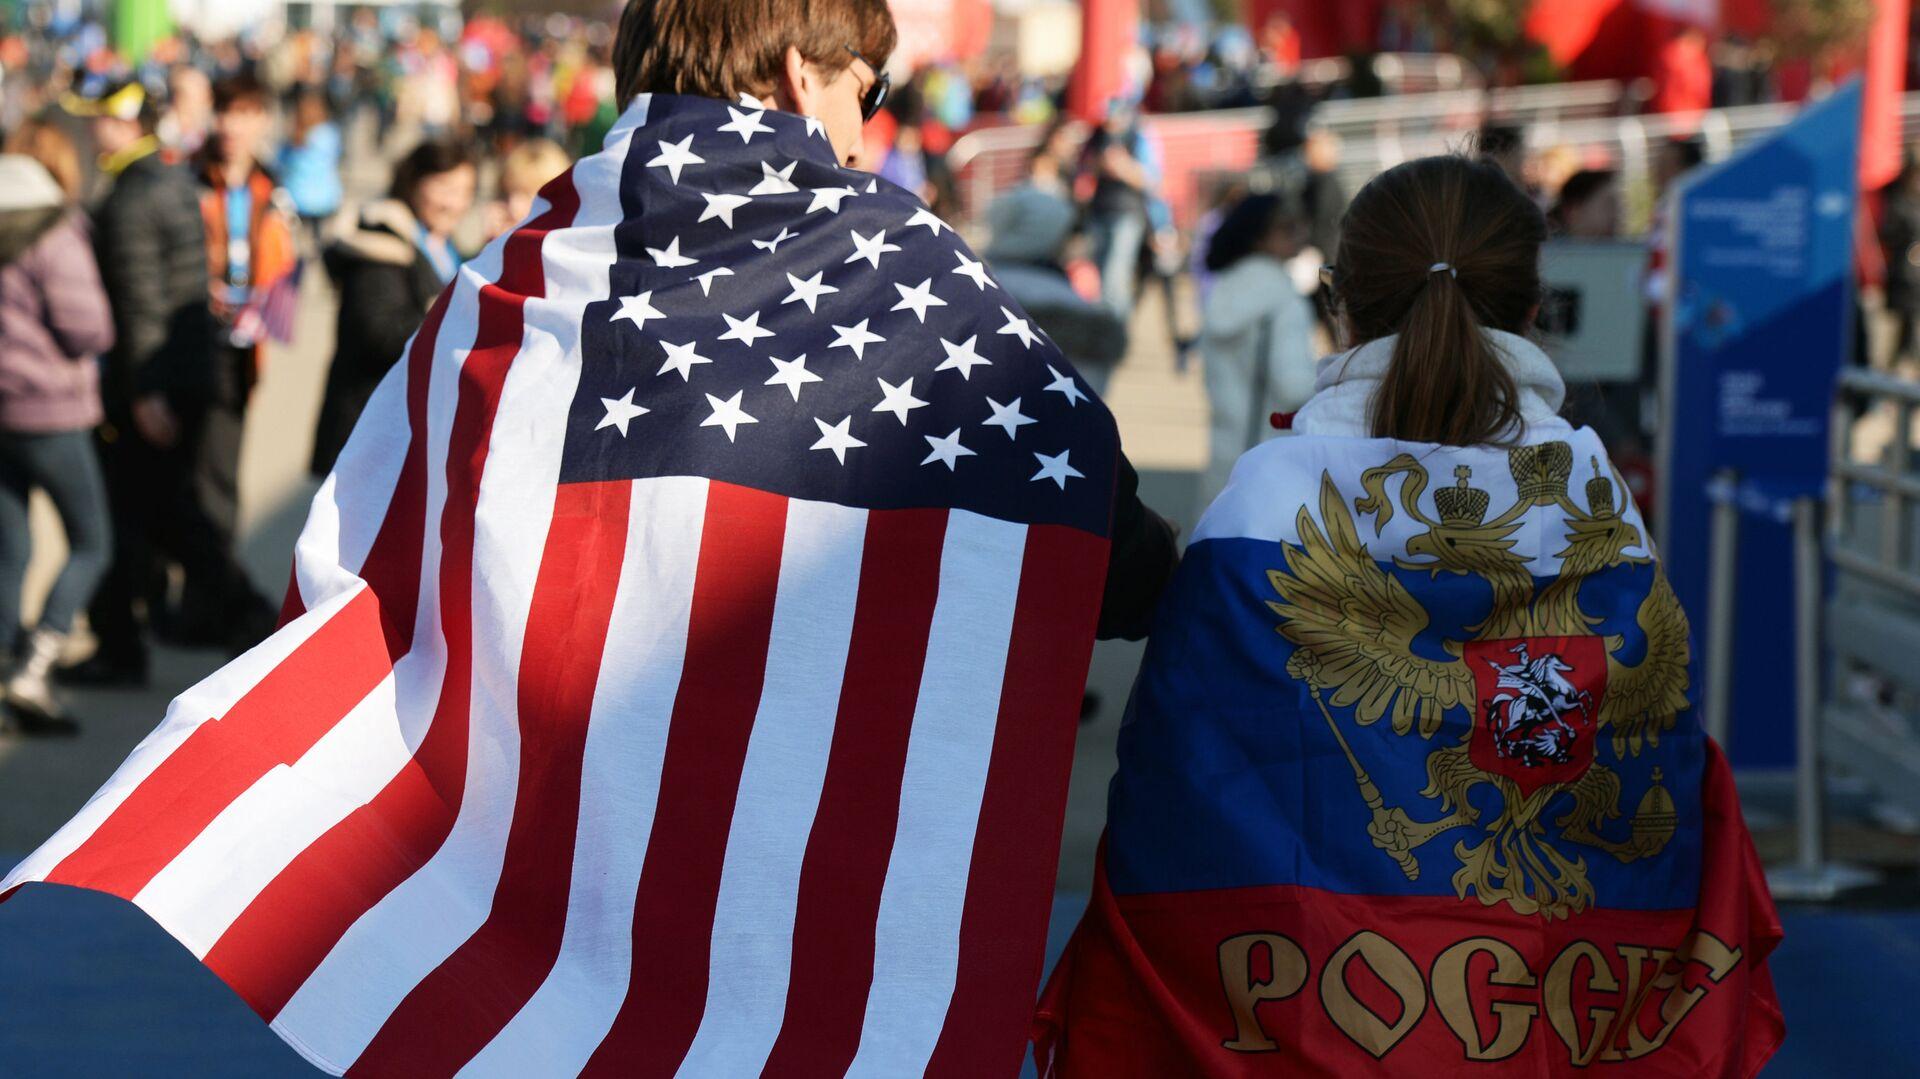 Молодые люди в национальных флагах США и России  - РИА Новости, 1920, 27.05.2021